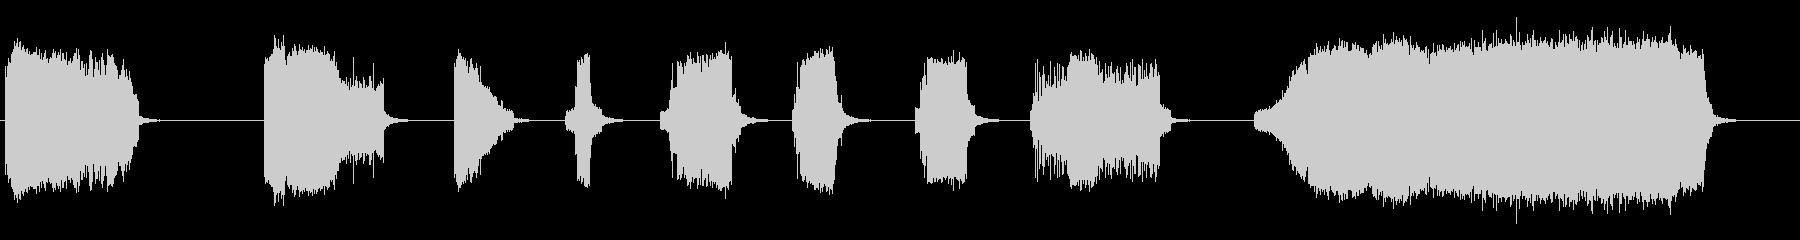 歯科医、大部屋のサリバポンプ; D...の未再生の波形